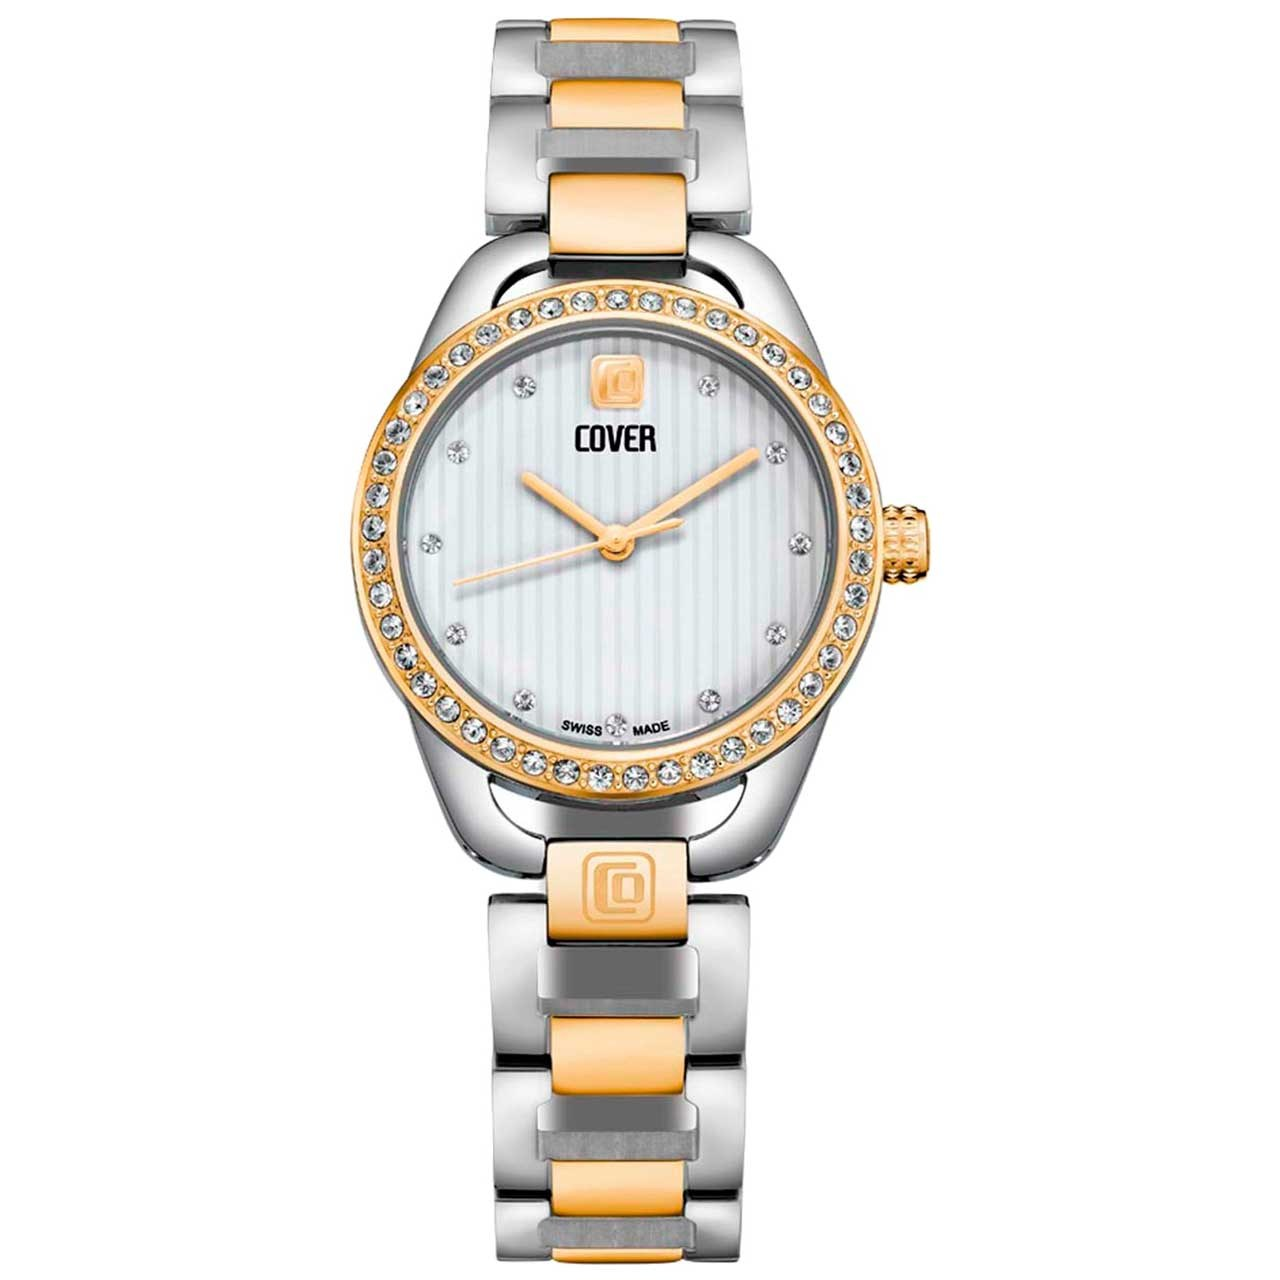 ساعت مچی عقربه ای زنانه کاور مدل Co167.02